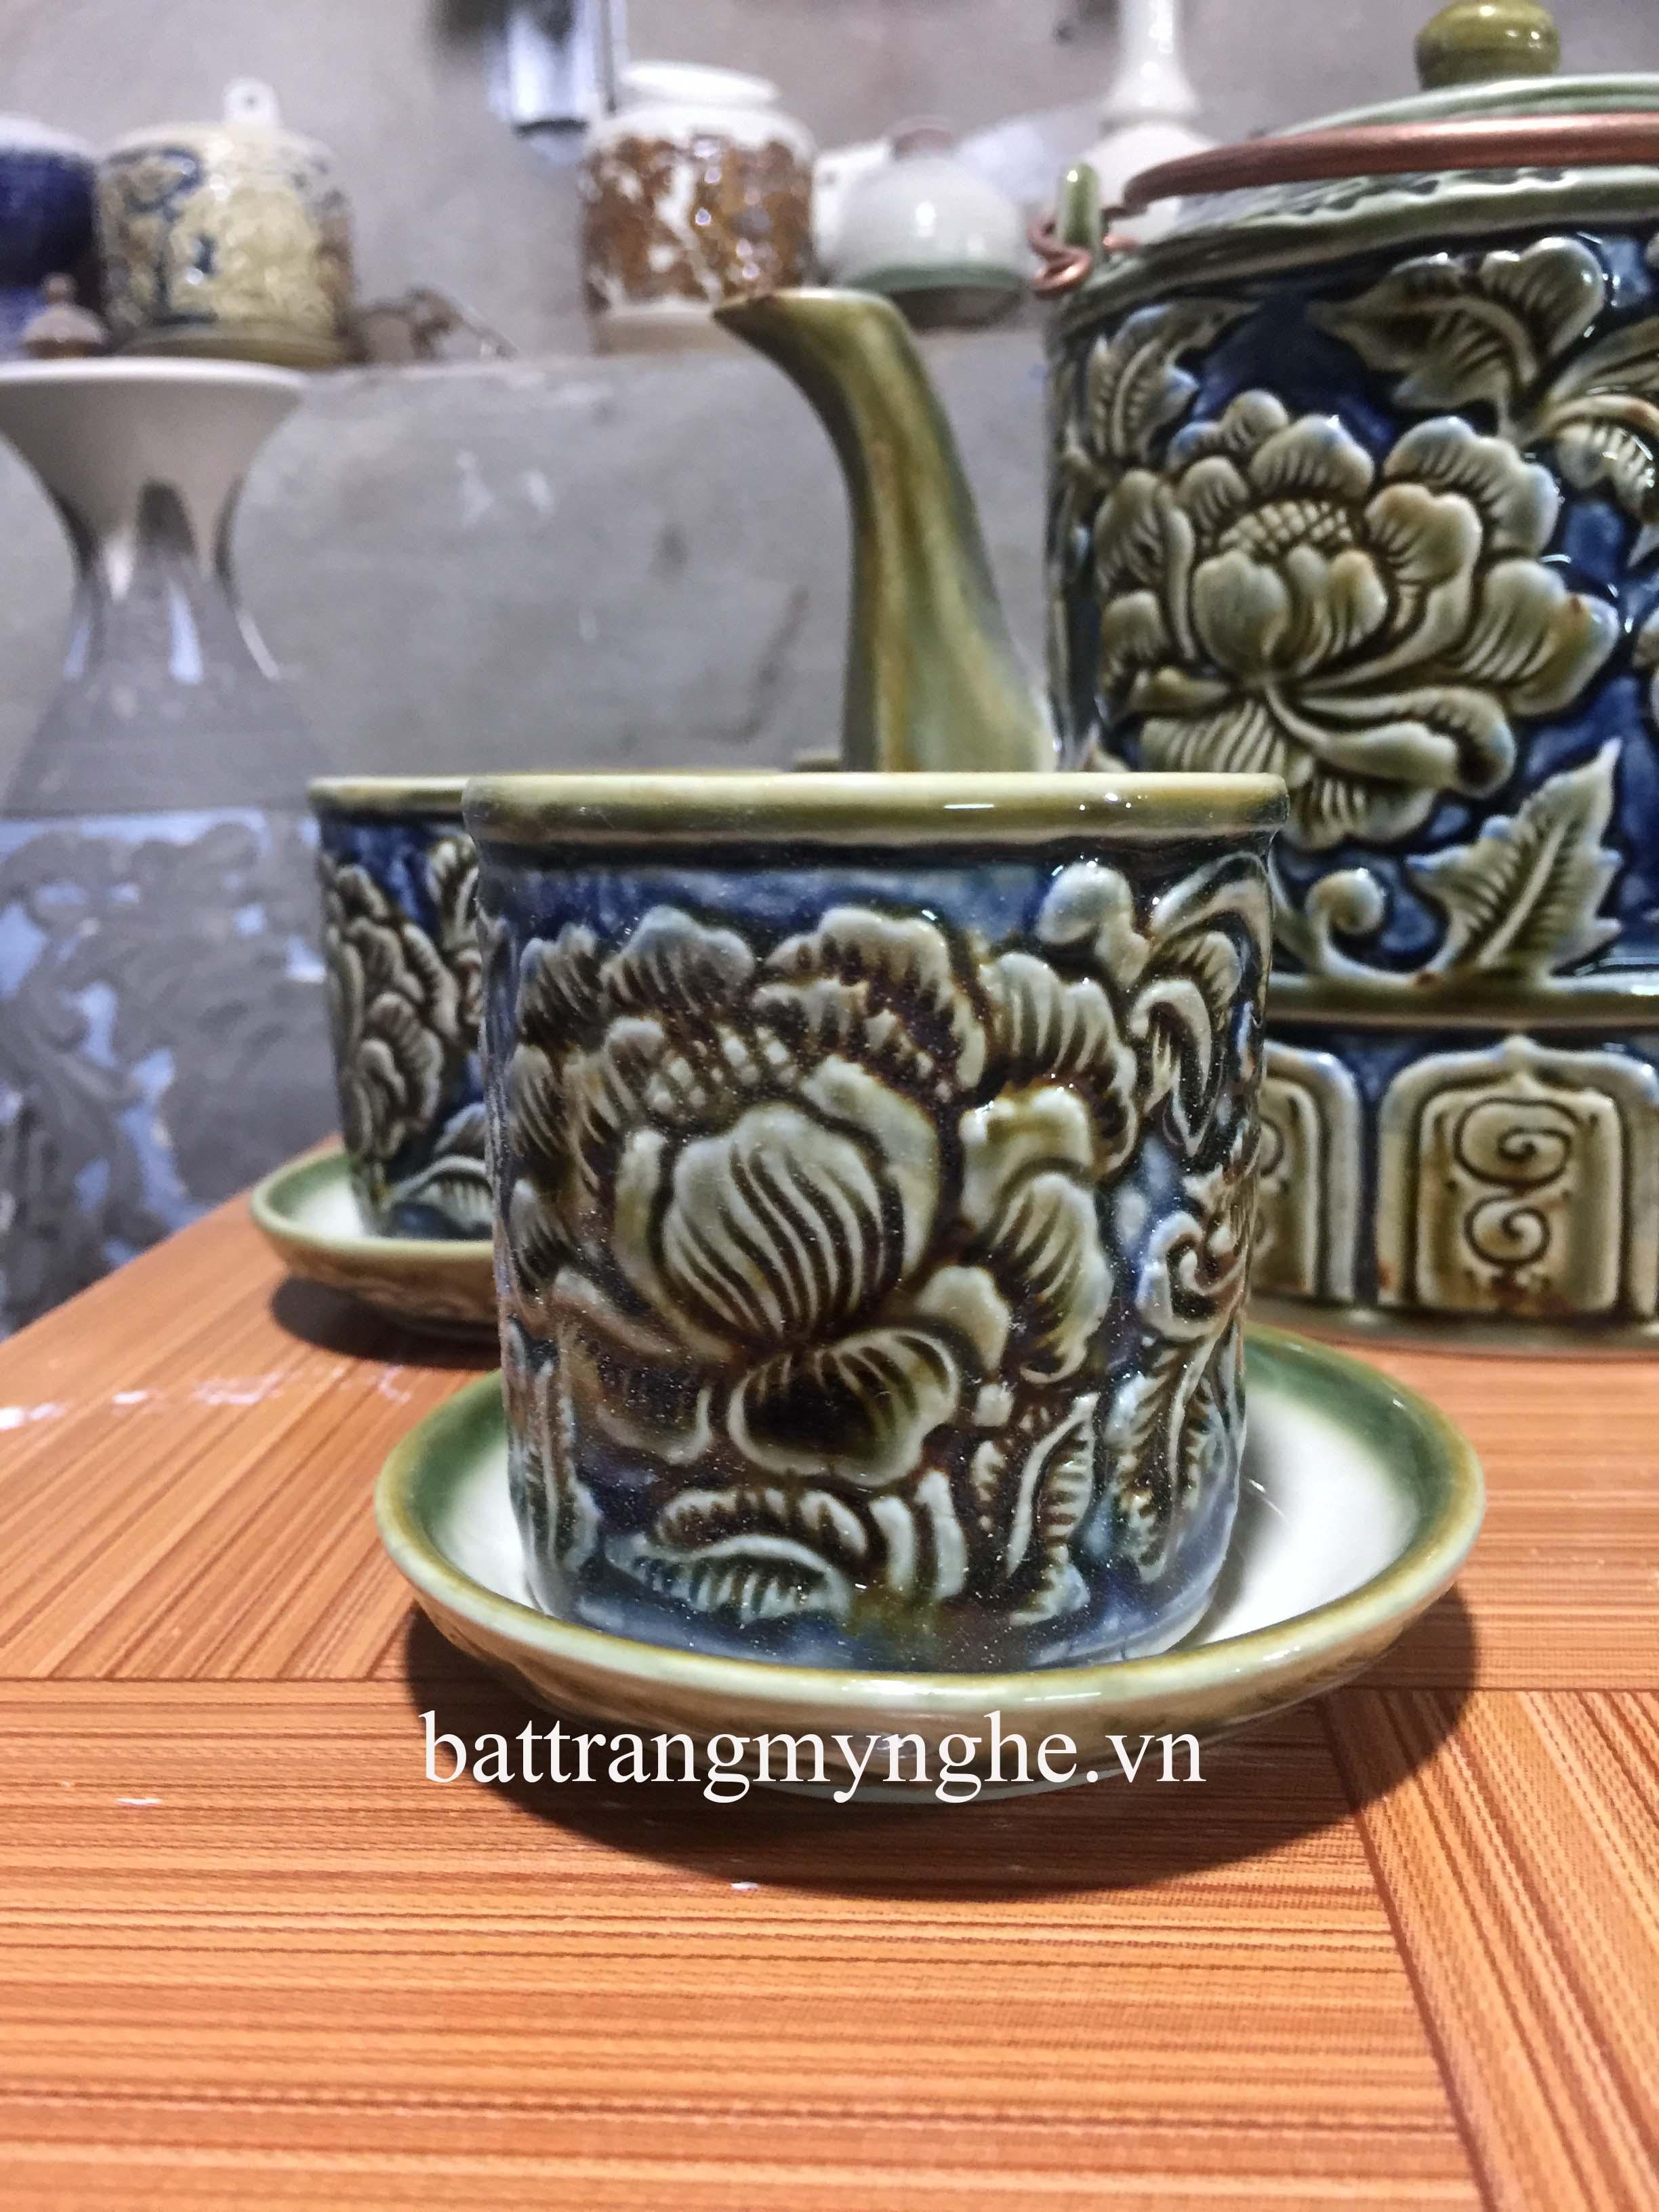 bộ ấm tích khắc nổi hoa phù dung xanh - 1,25 lít